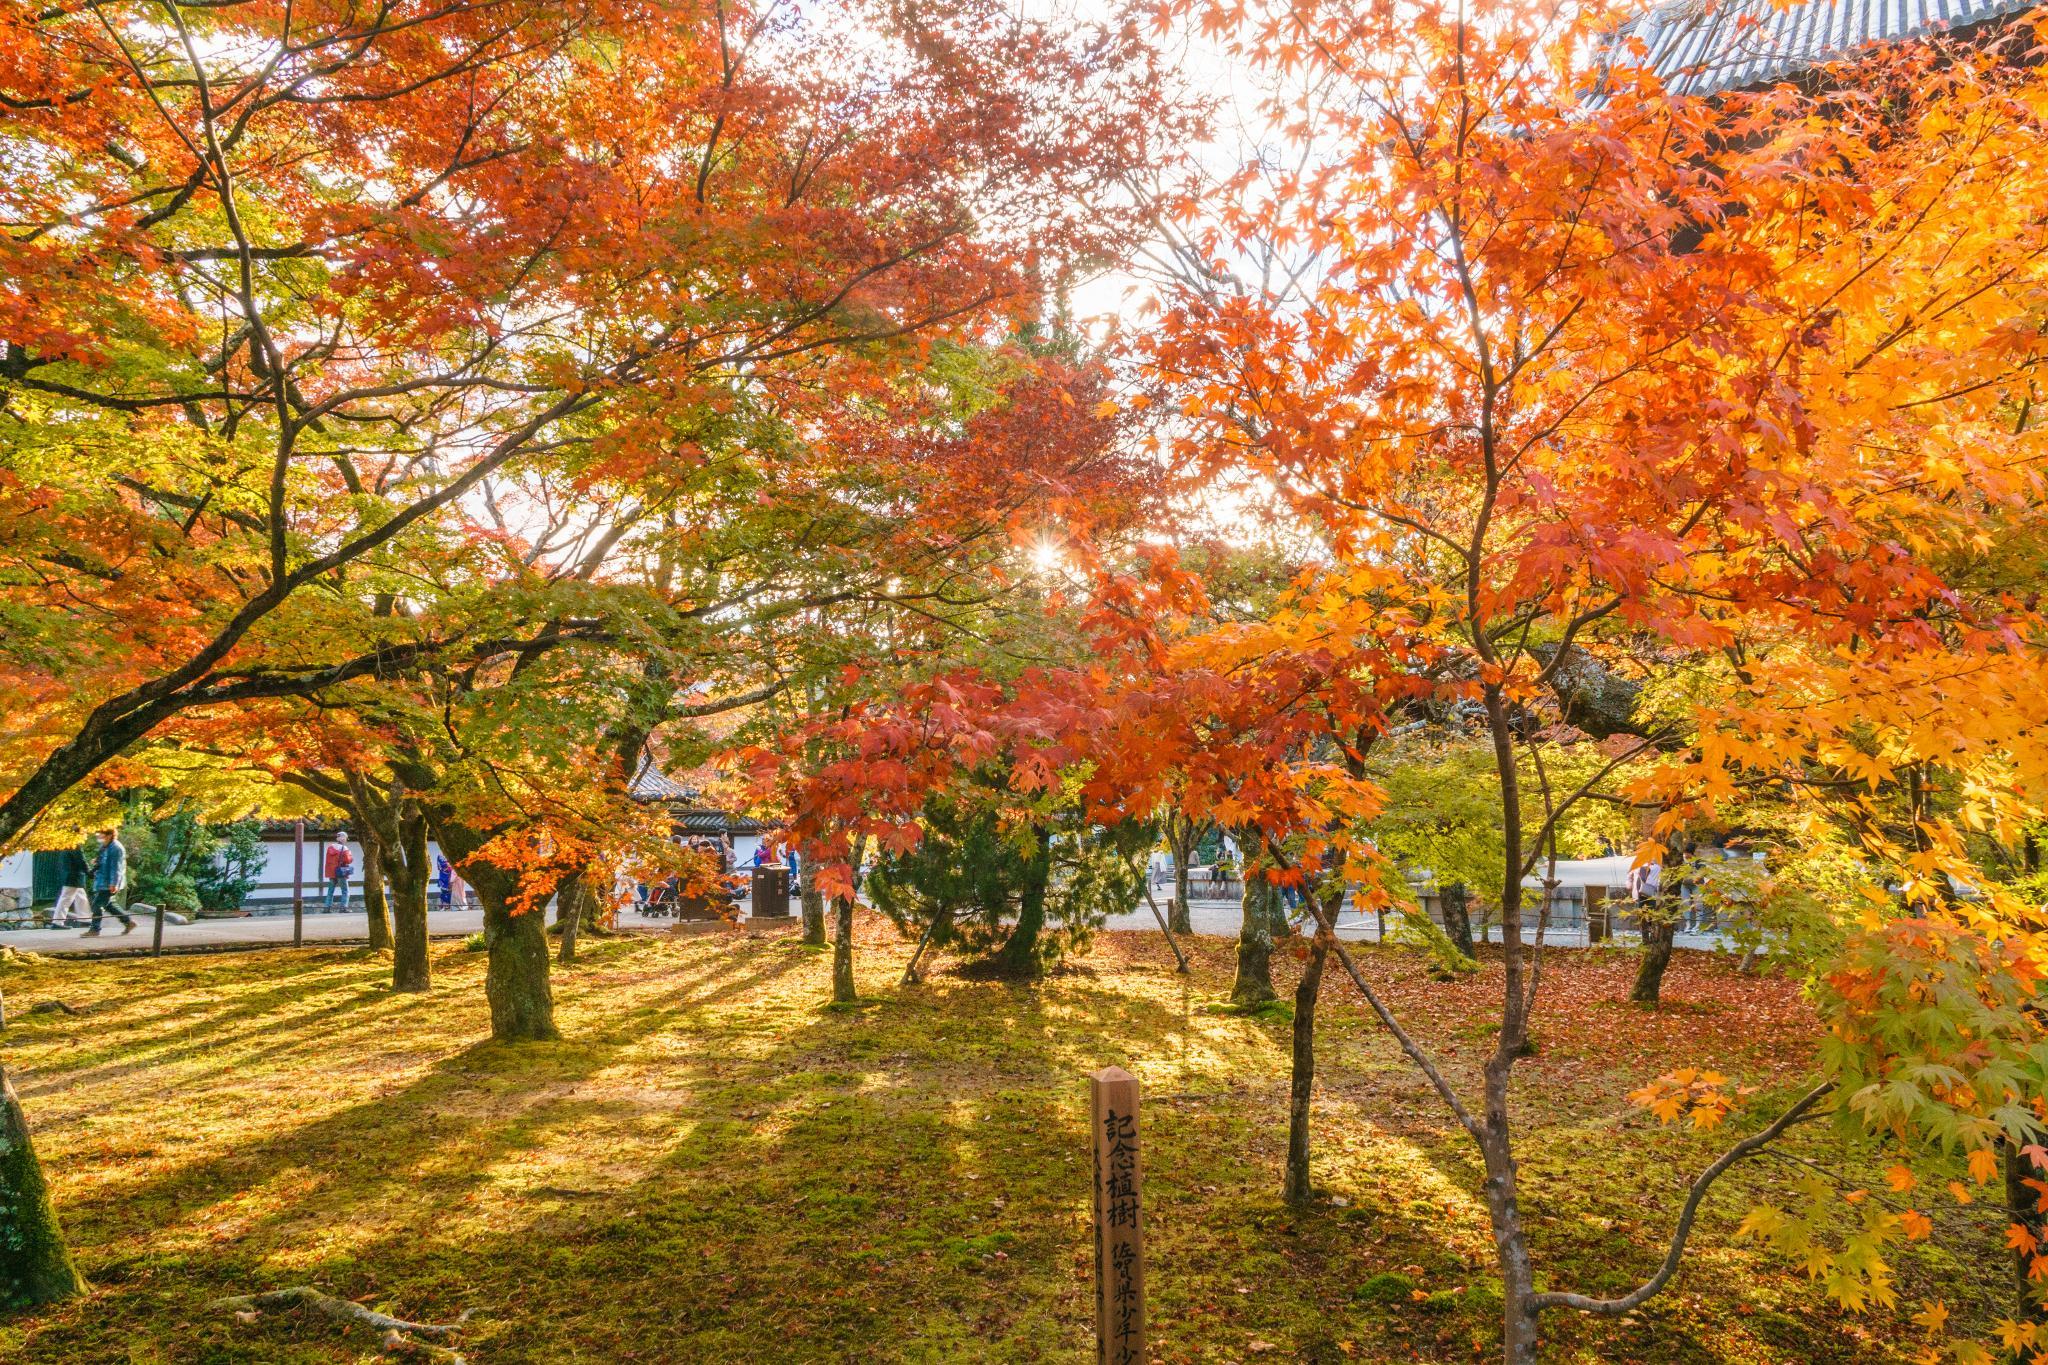 【京都】秋光葉影的古寺散策 - 南禪寺 85